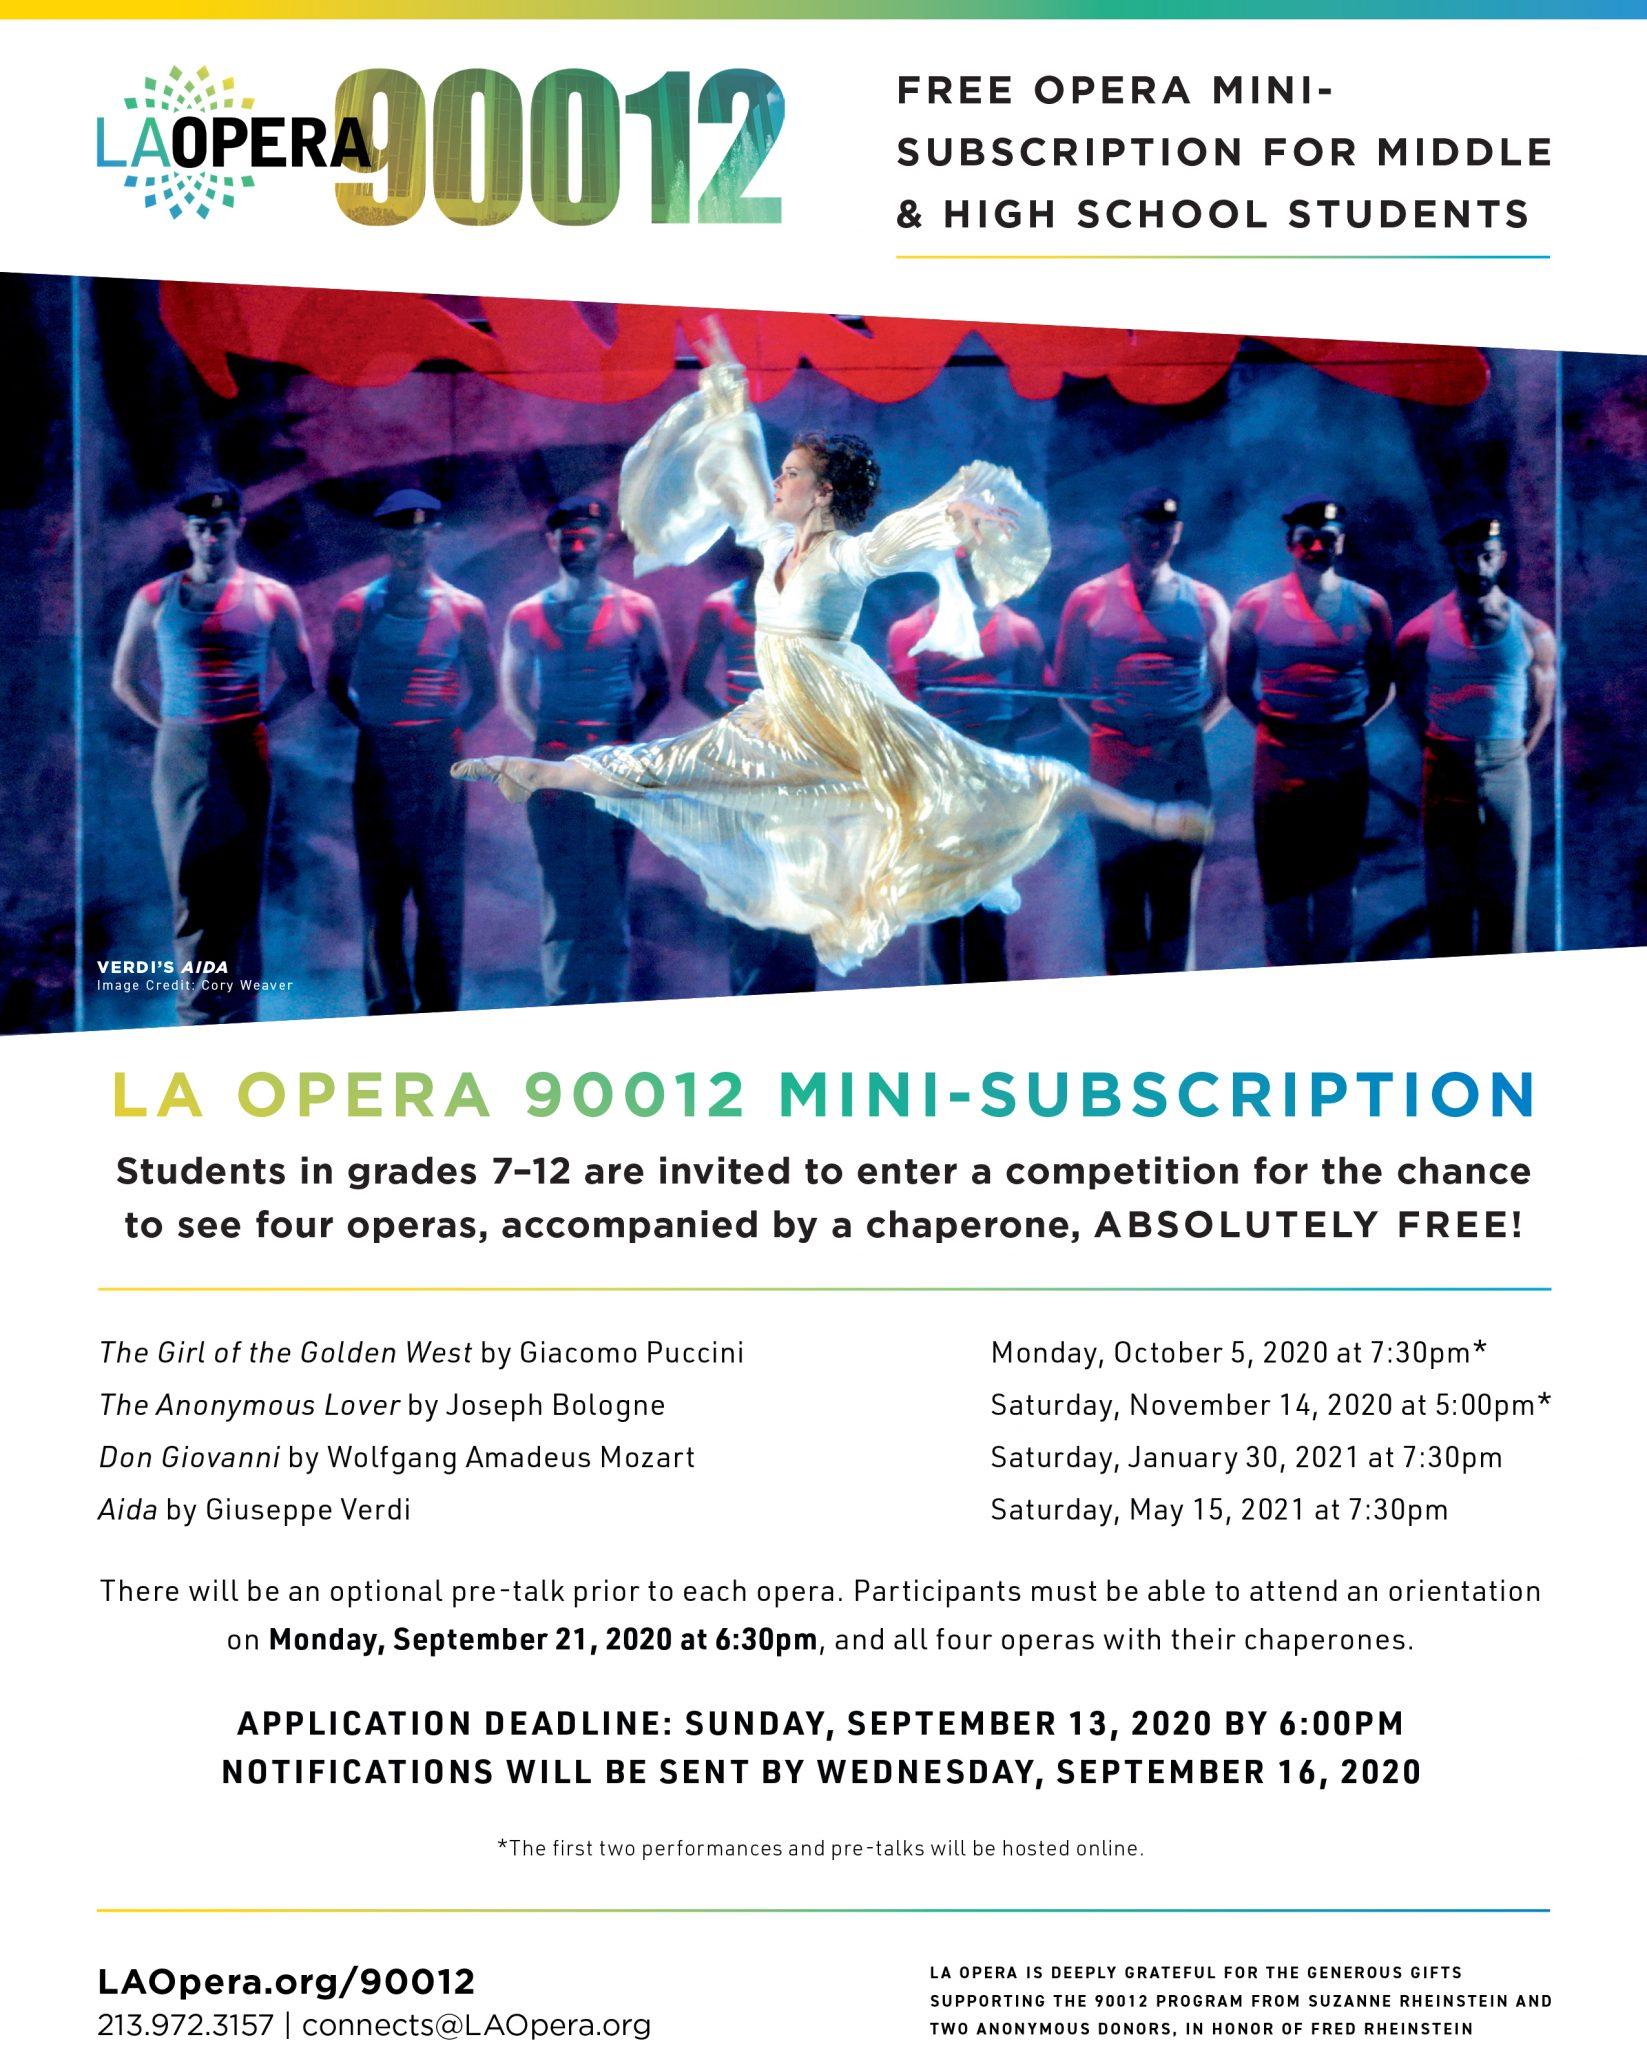 LA Opera 90012 Contest